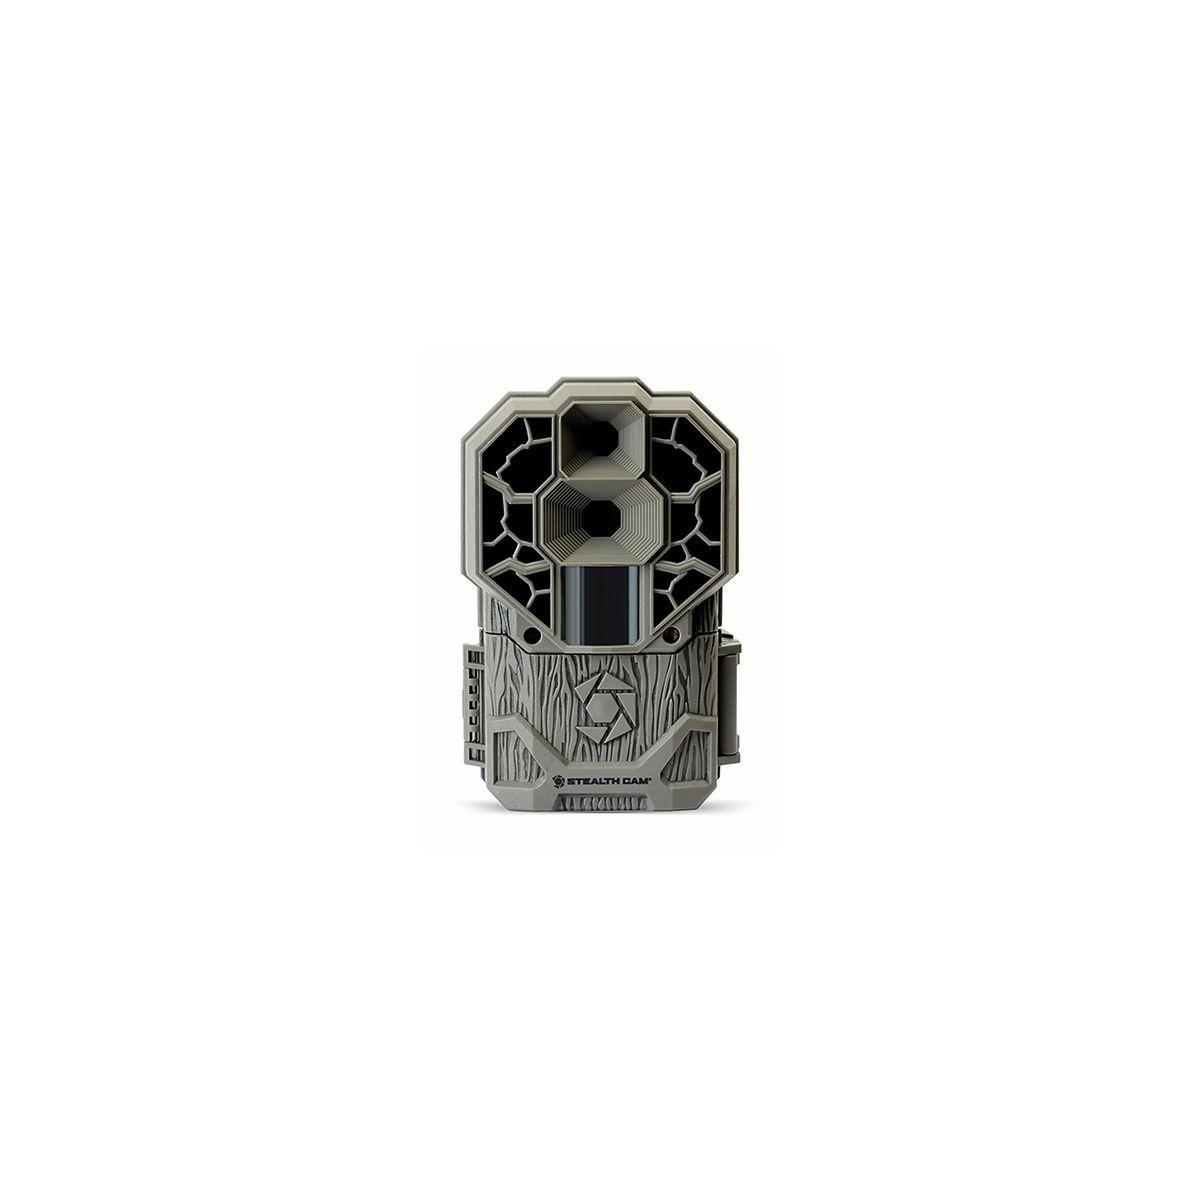 Appareil photo compact gsm outdoors automatique 4k stc-ds4k - 10% de remise imm�diate avec le code : school10 (photo)